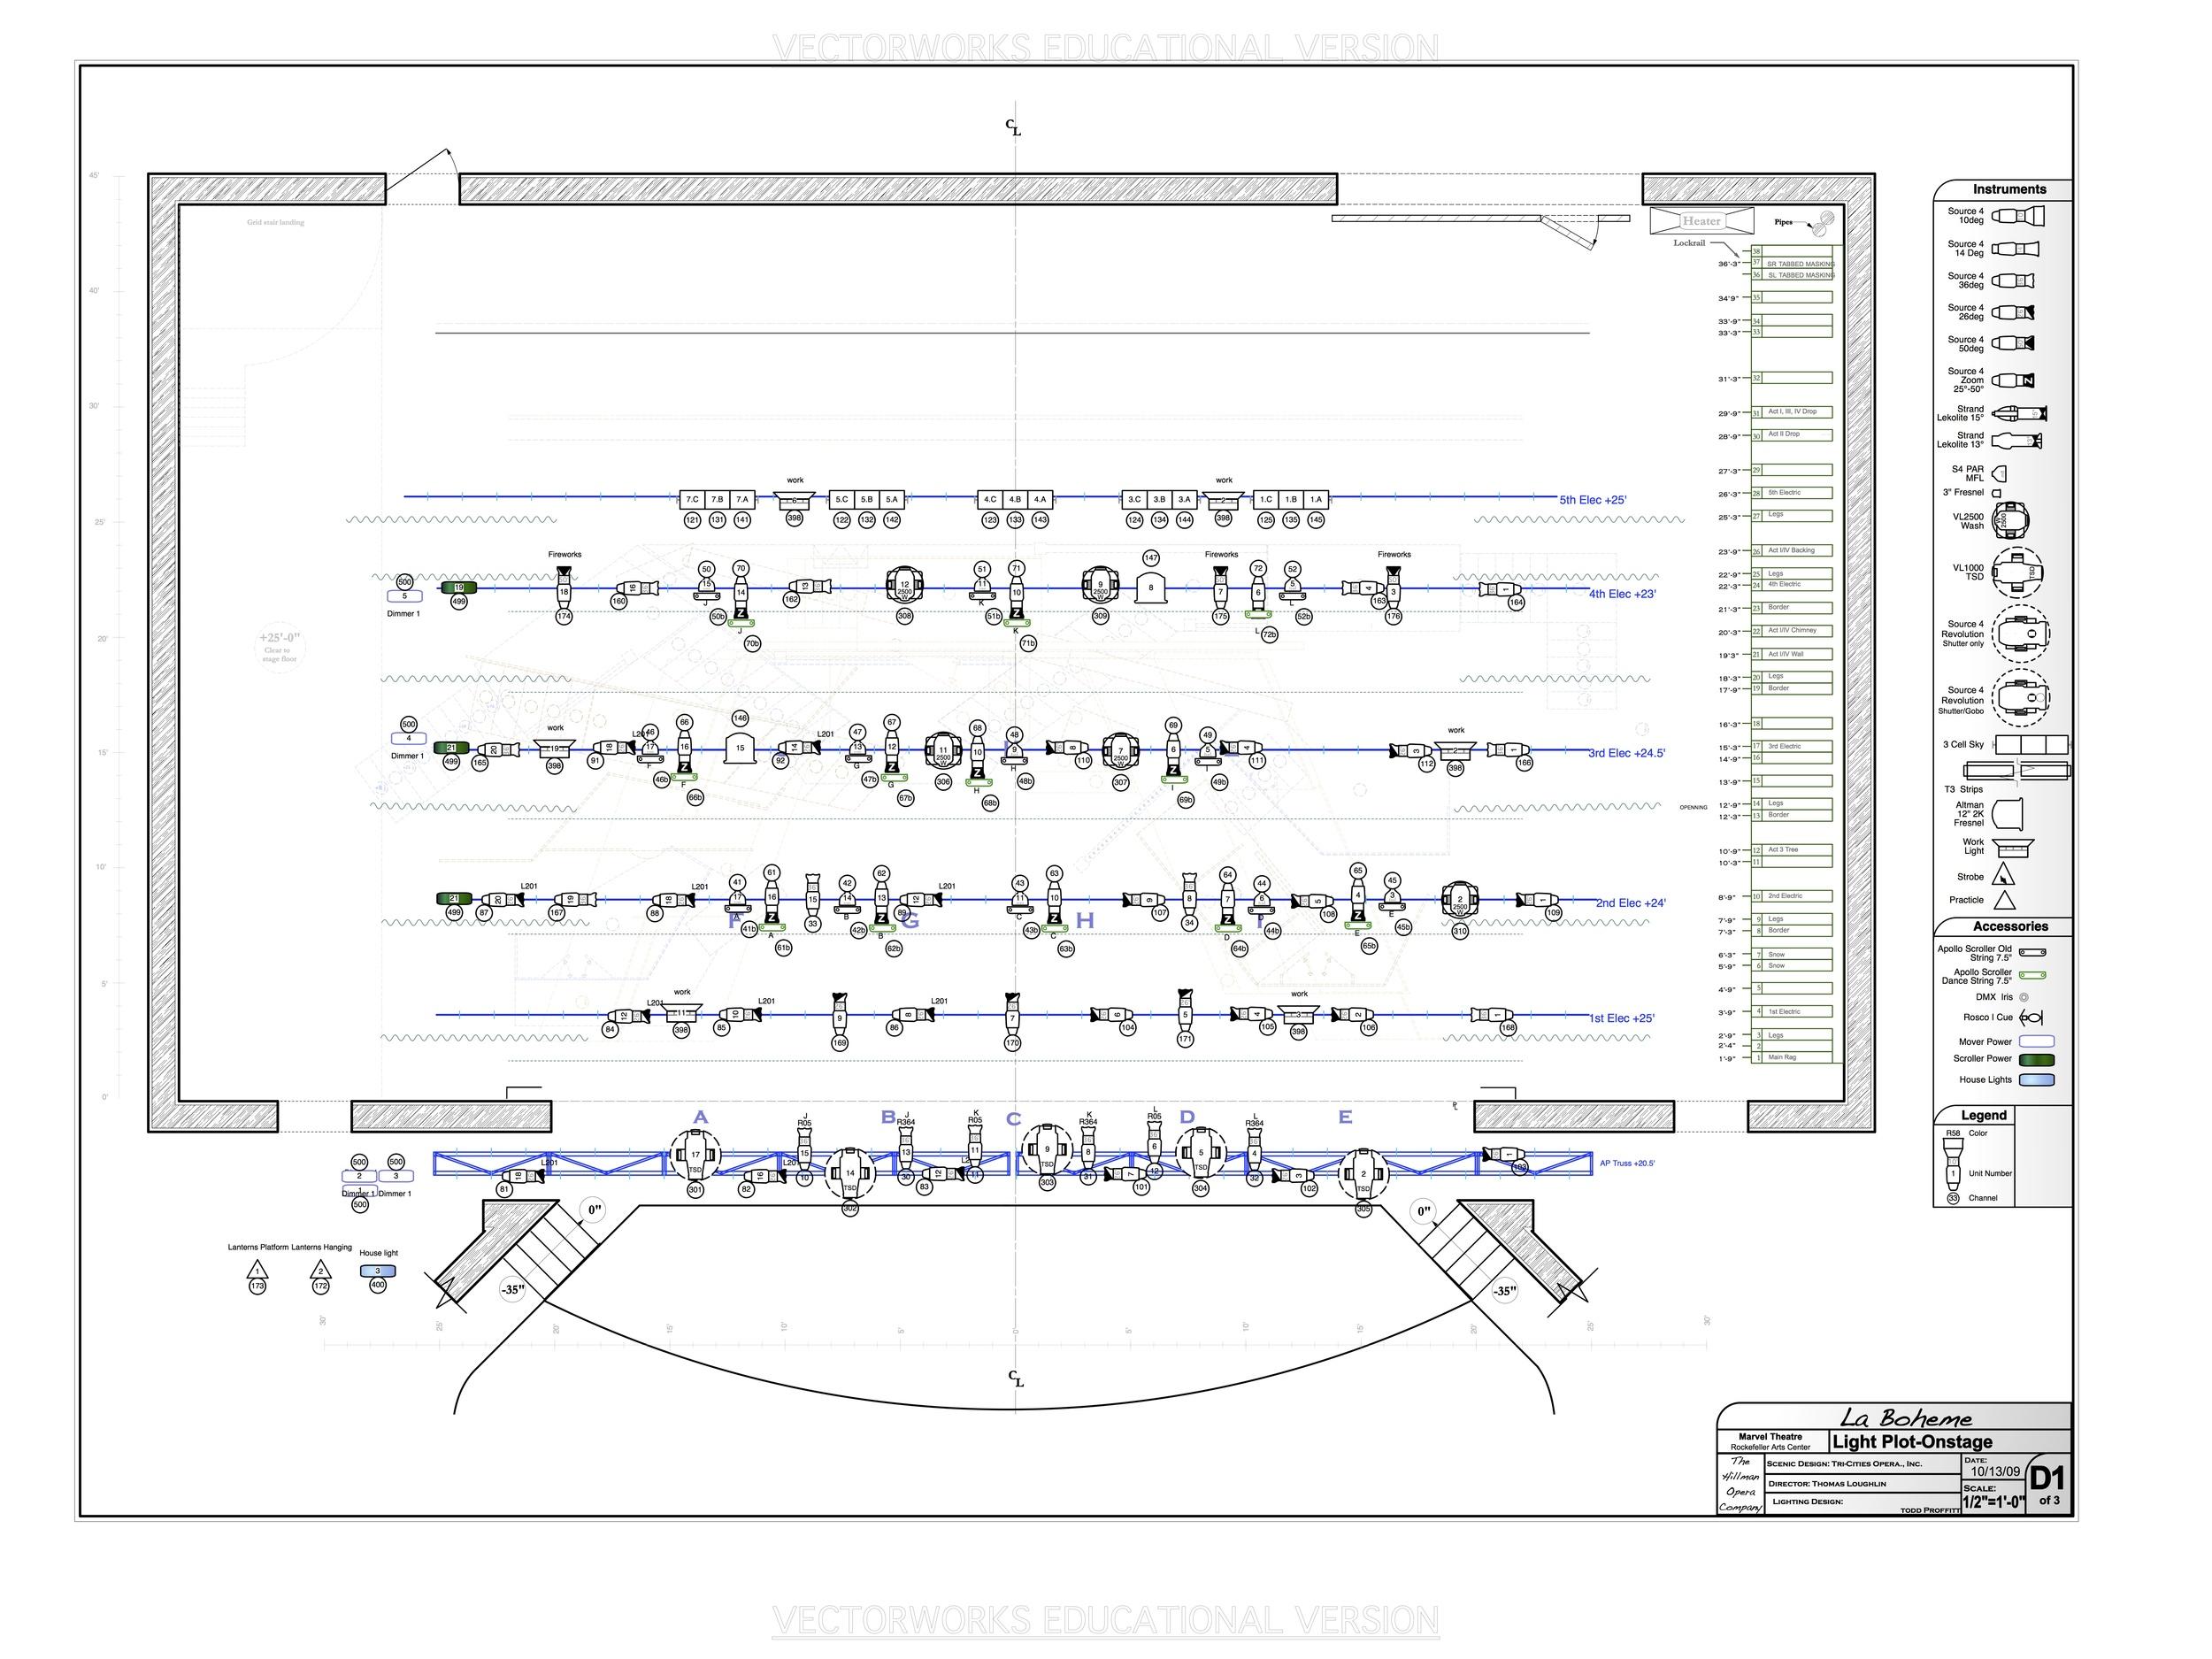 La Boheme-Light Plot   Download PDF